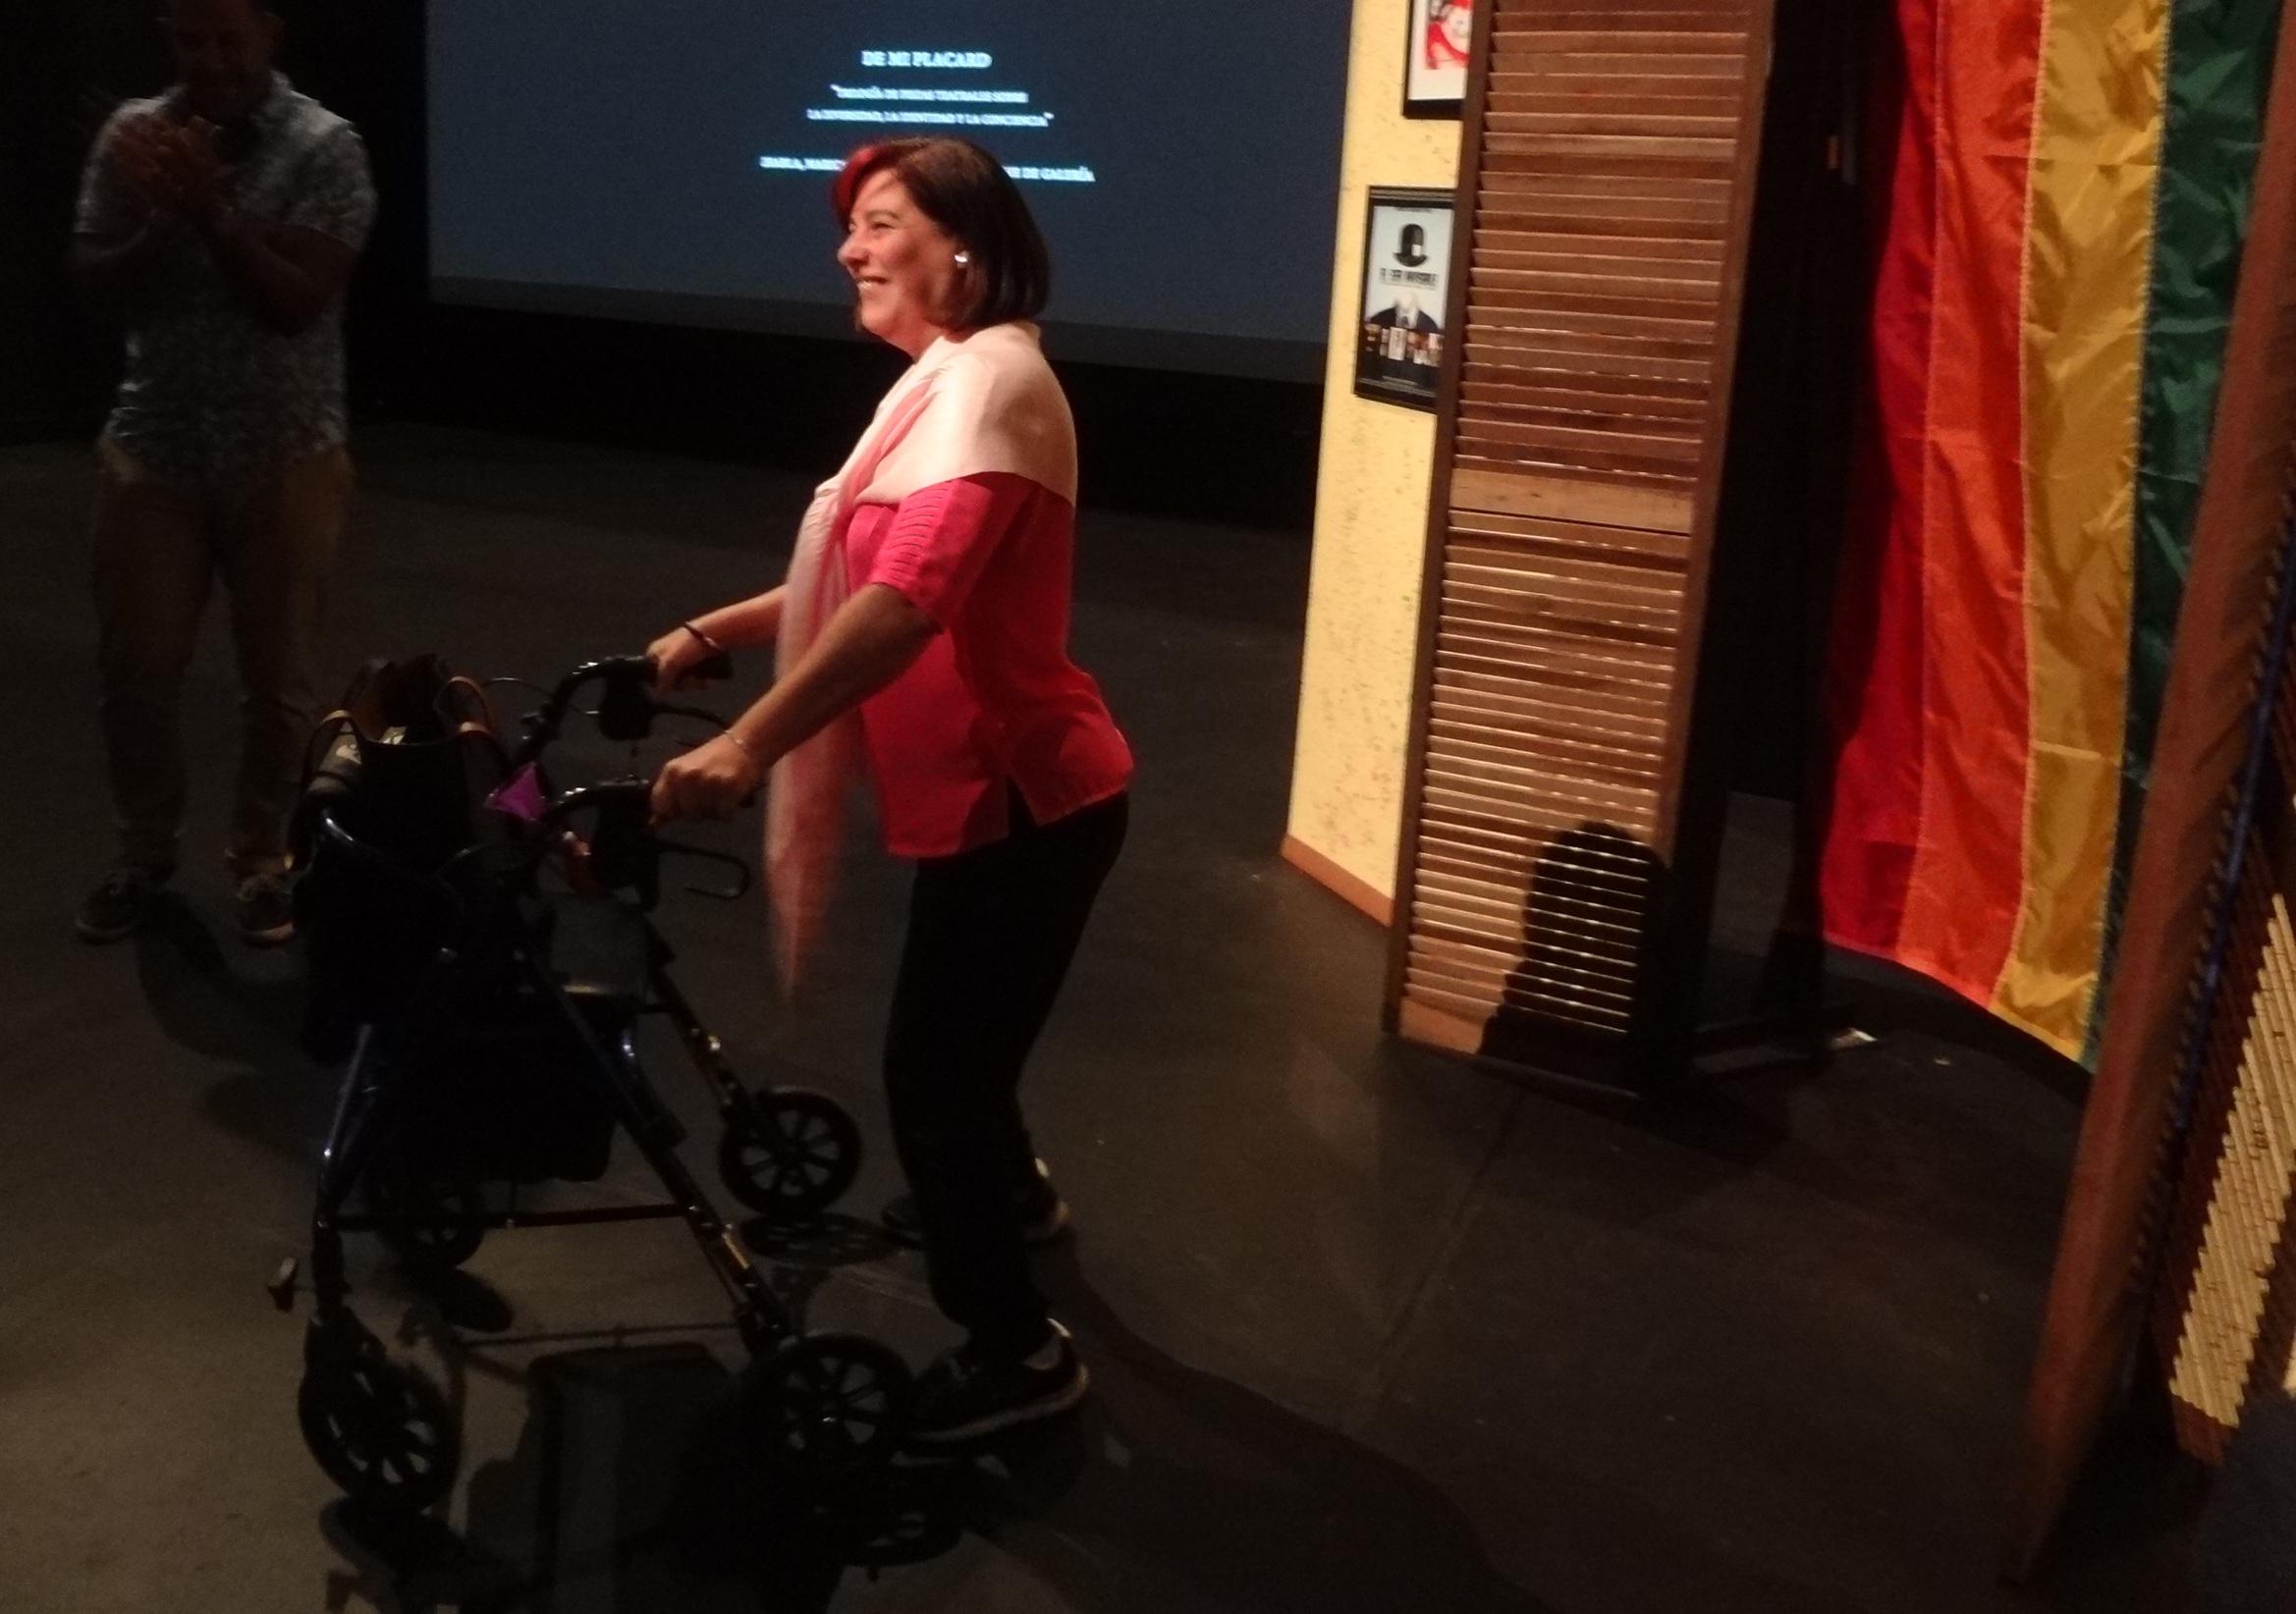 Sylvia, hija de Sharon, entrando por la escenografía . (Foto Adriana Pantoja para Fundación Nacional para la Cultura Popular)